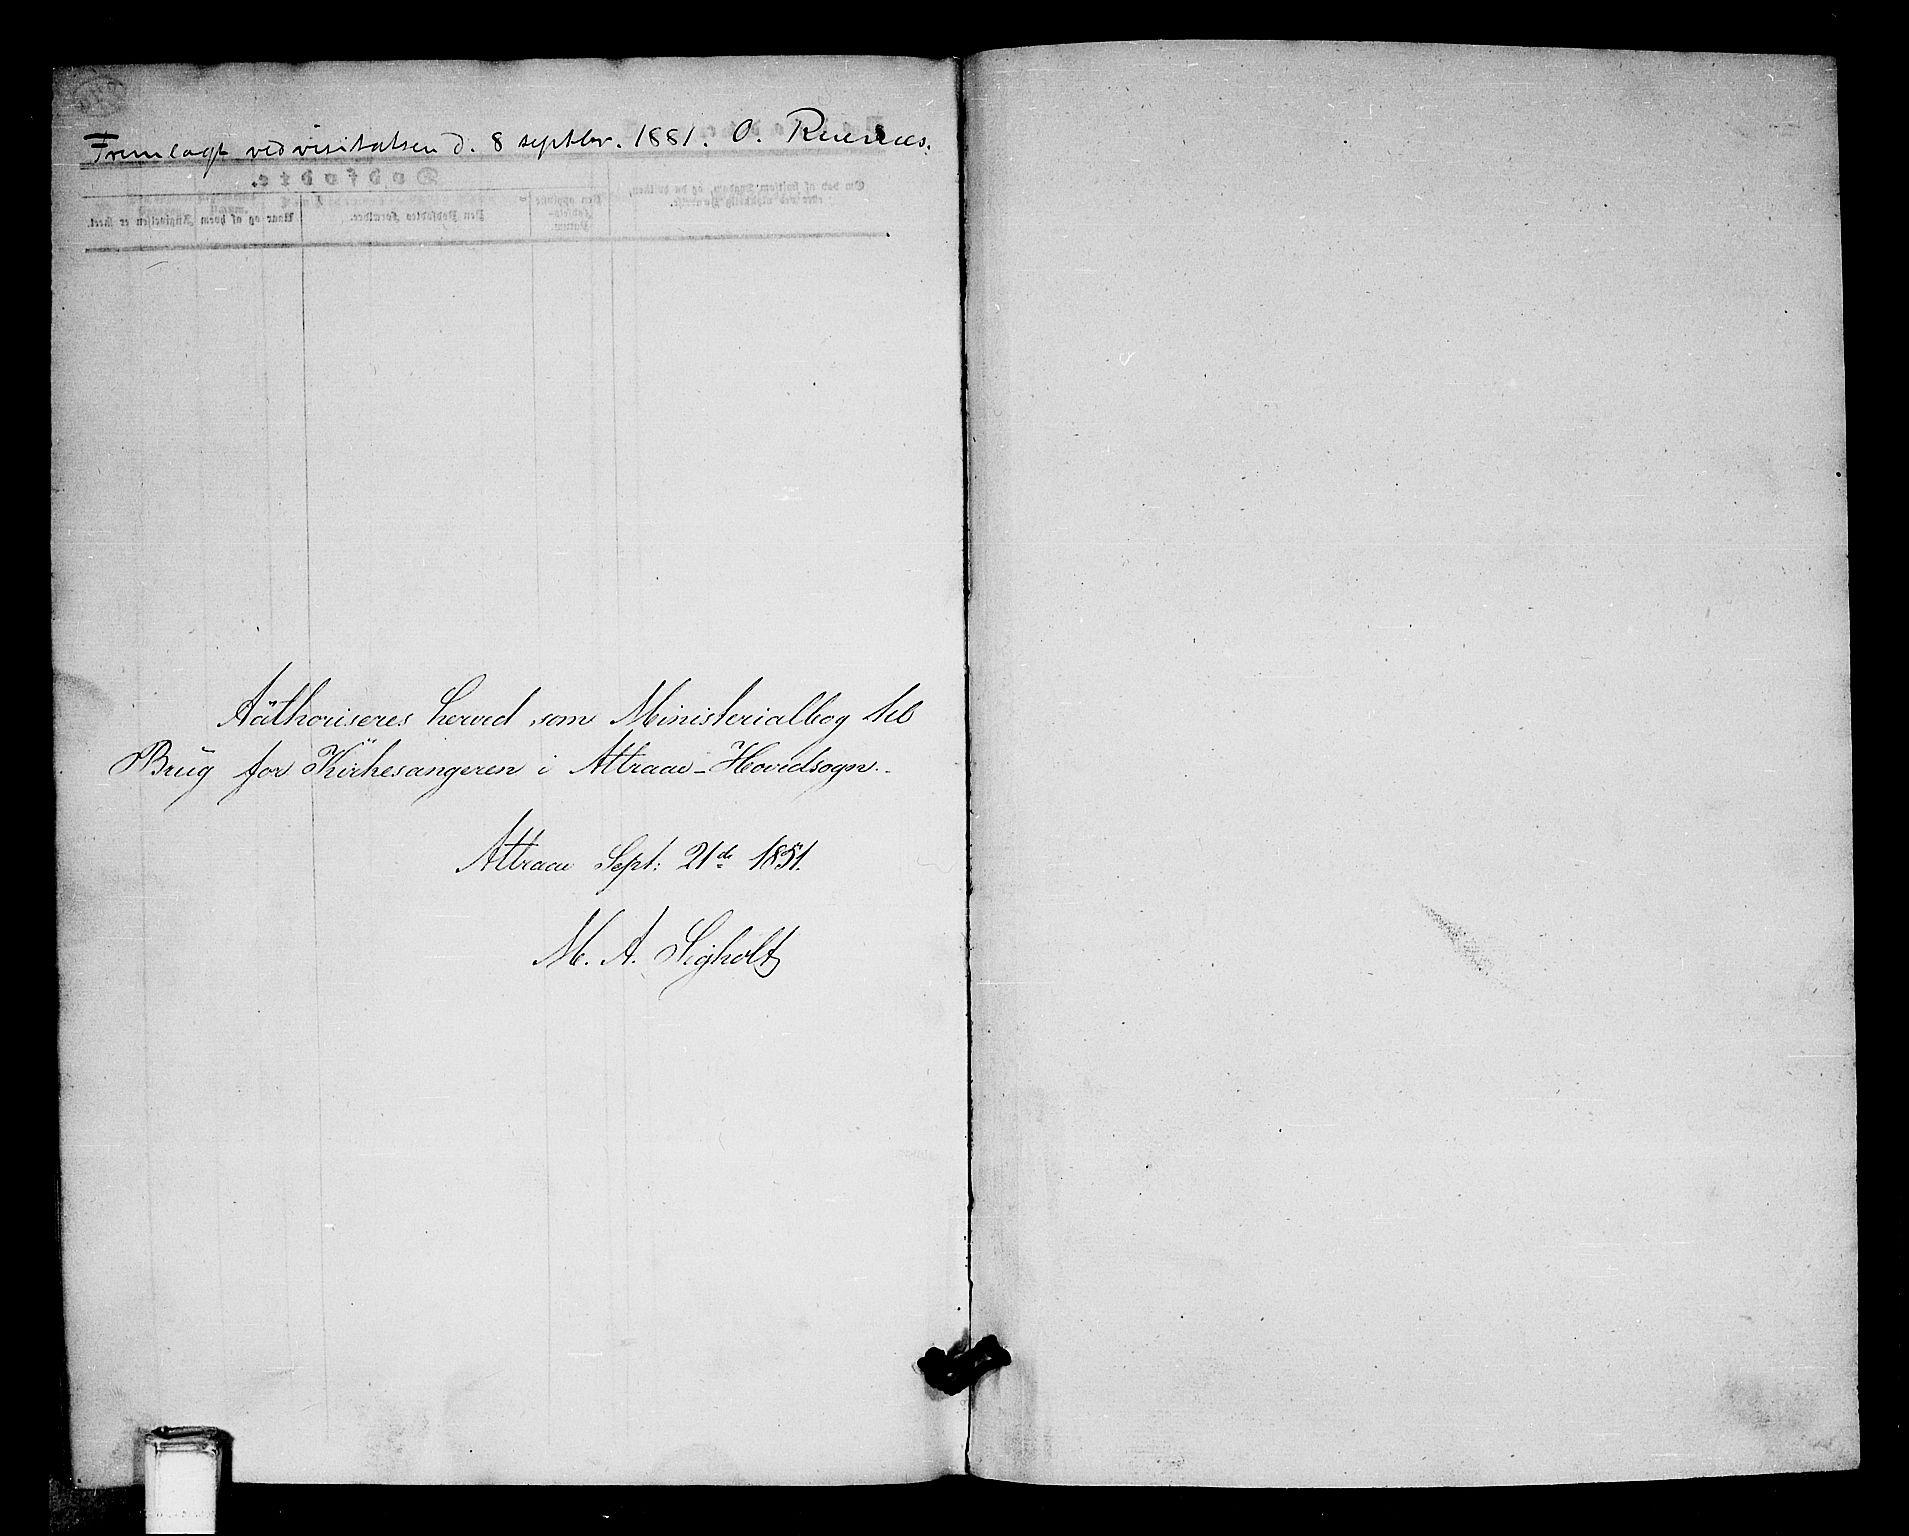 SAKO, Tinn kirkebøker, G/Ga/L0002: Klokkerbok nr. I 2, 1851-1883